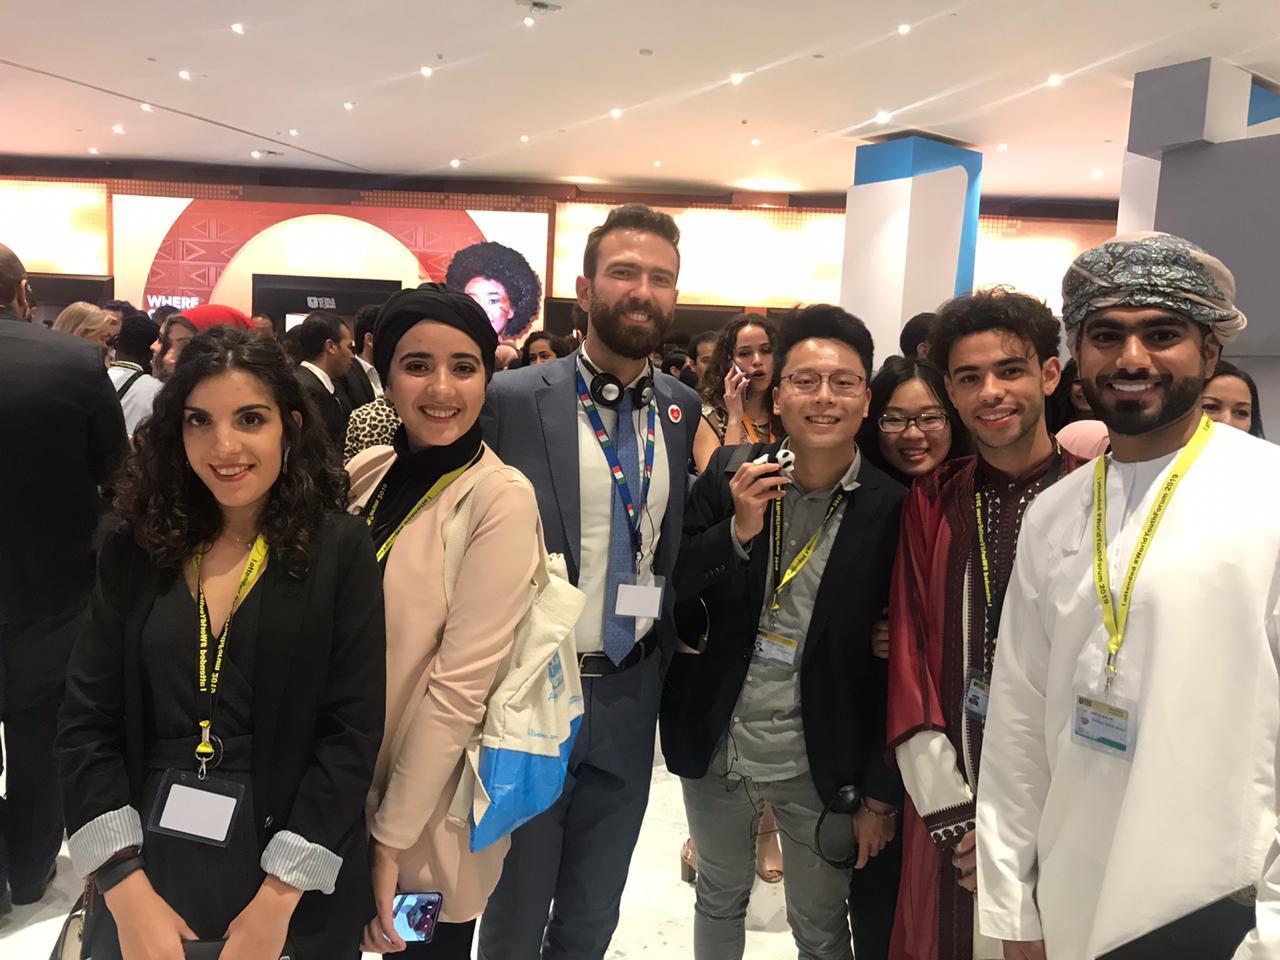 صورة تجمع شباب من عدة جنسيات بحفل افتتاح منتدى شباب العالم